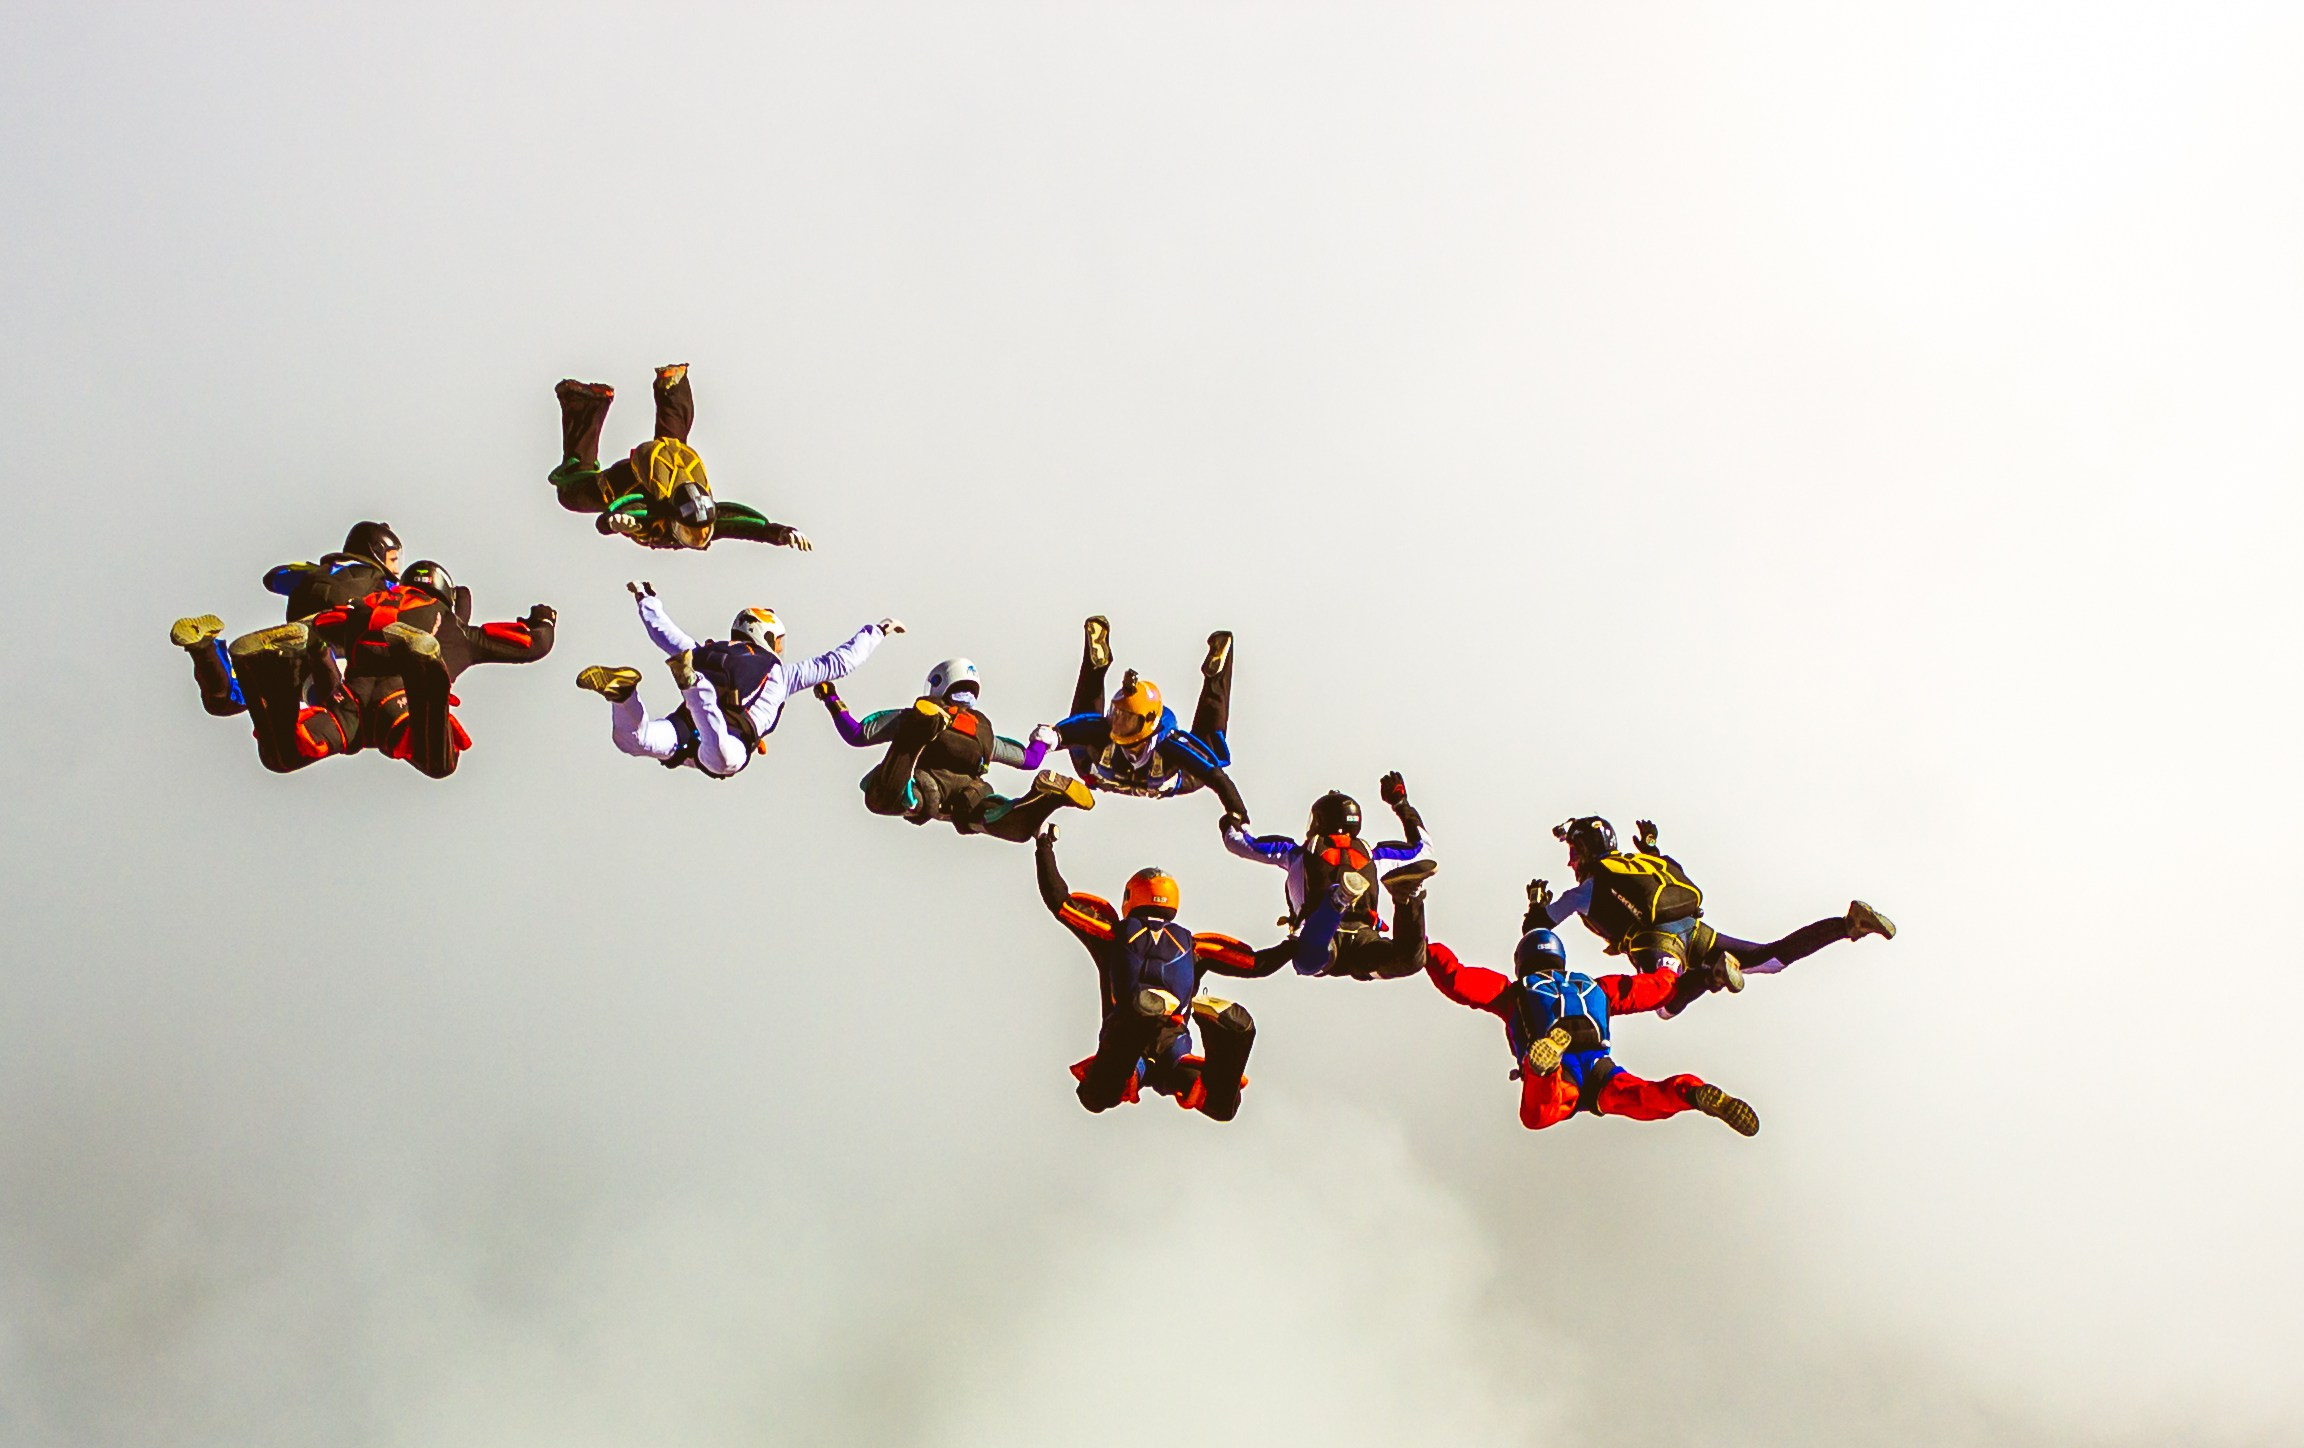 salto_paracaidas_vuelo_en_formacion